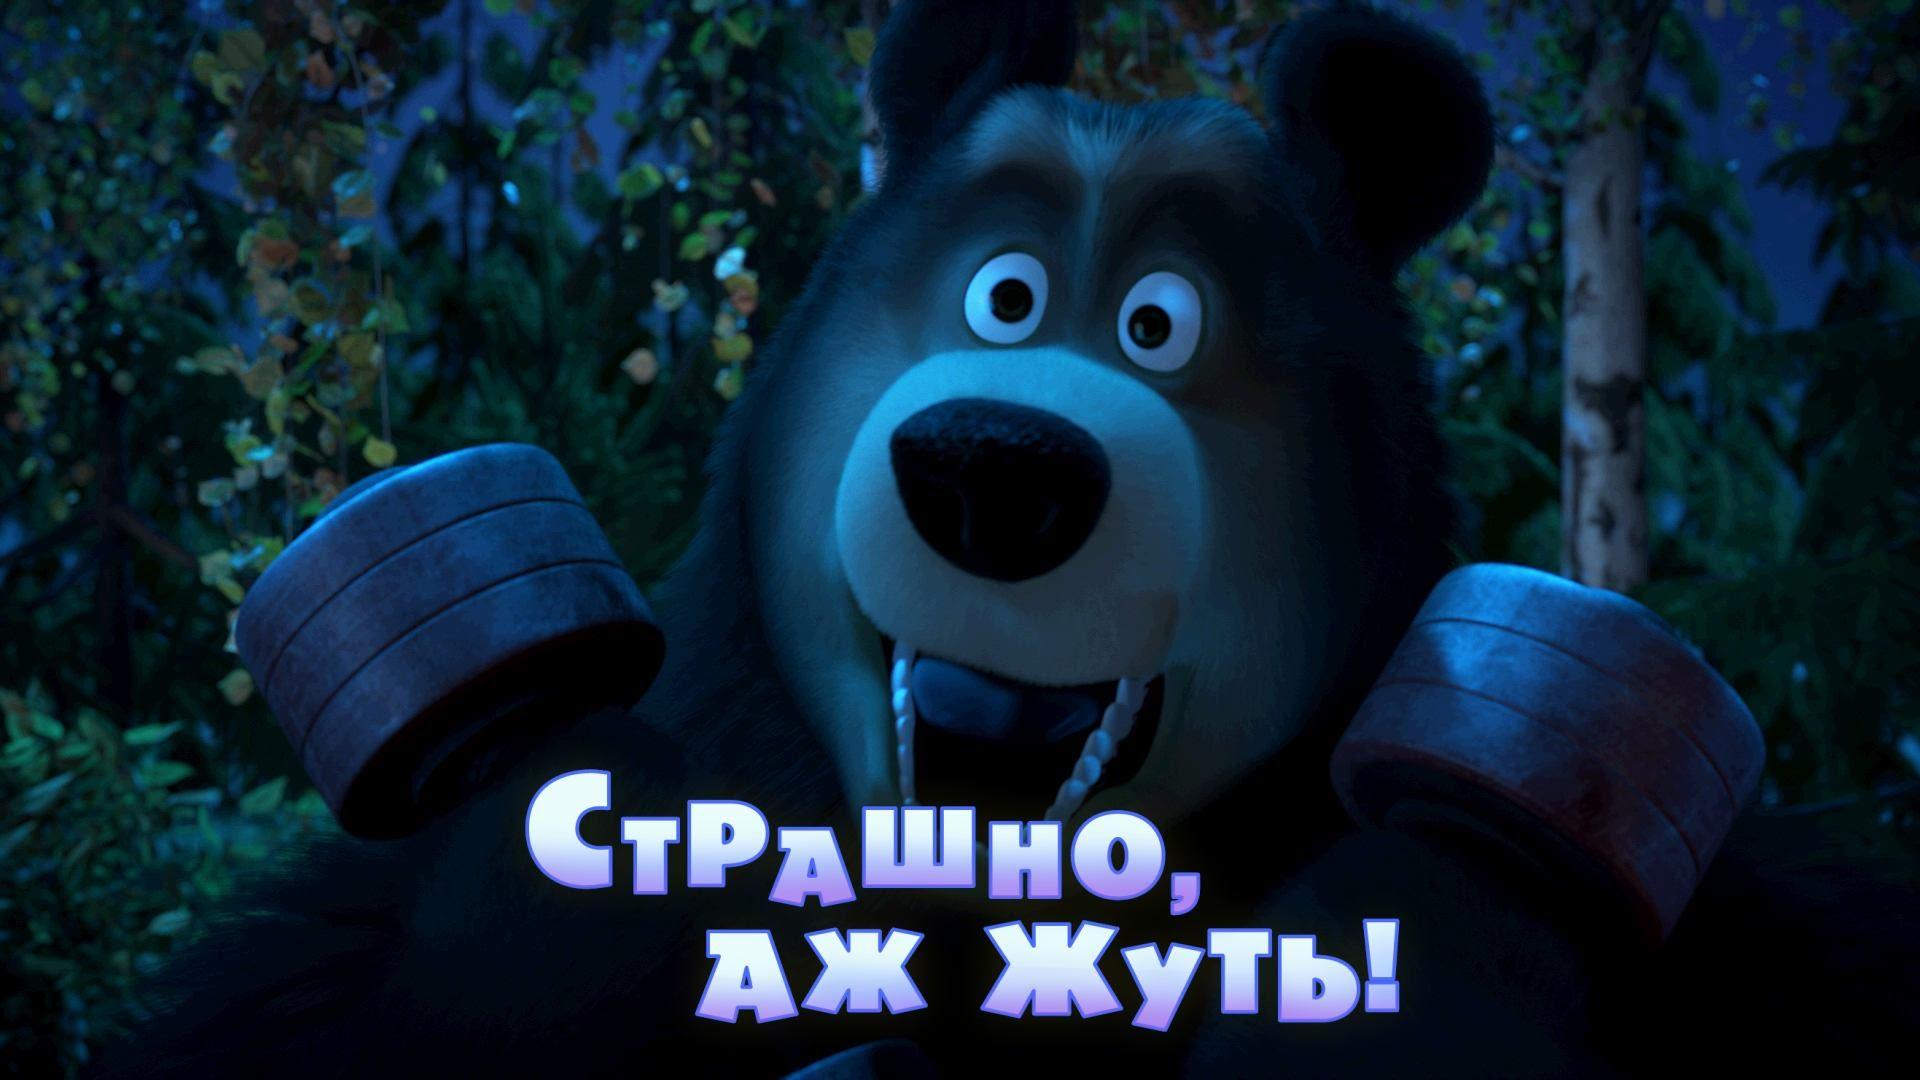 Маша и Медведь — Страшно, аж жуть! (Серия 56)